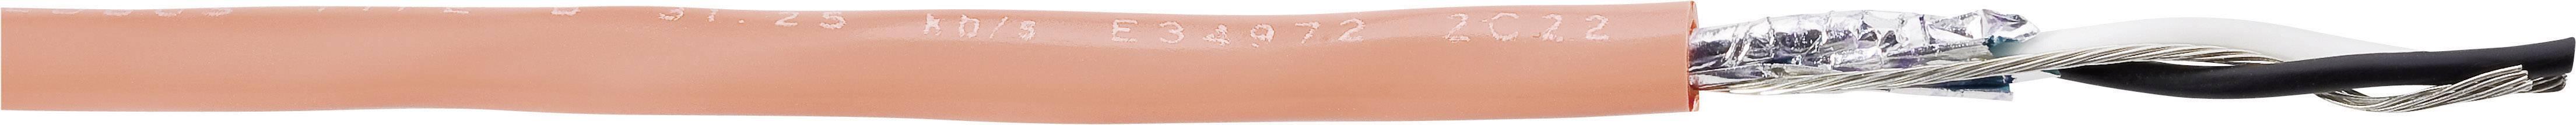 Sběrnicový kabel Belden 3077F003500, vnější Ø 5 mm, oranžová, metrové zboží